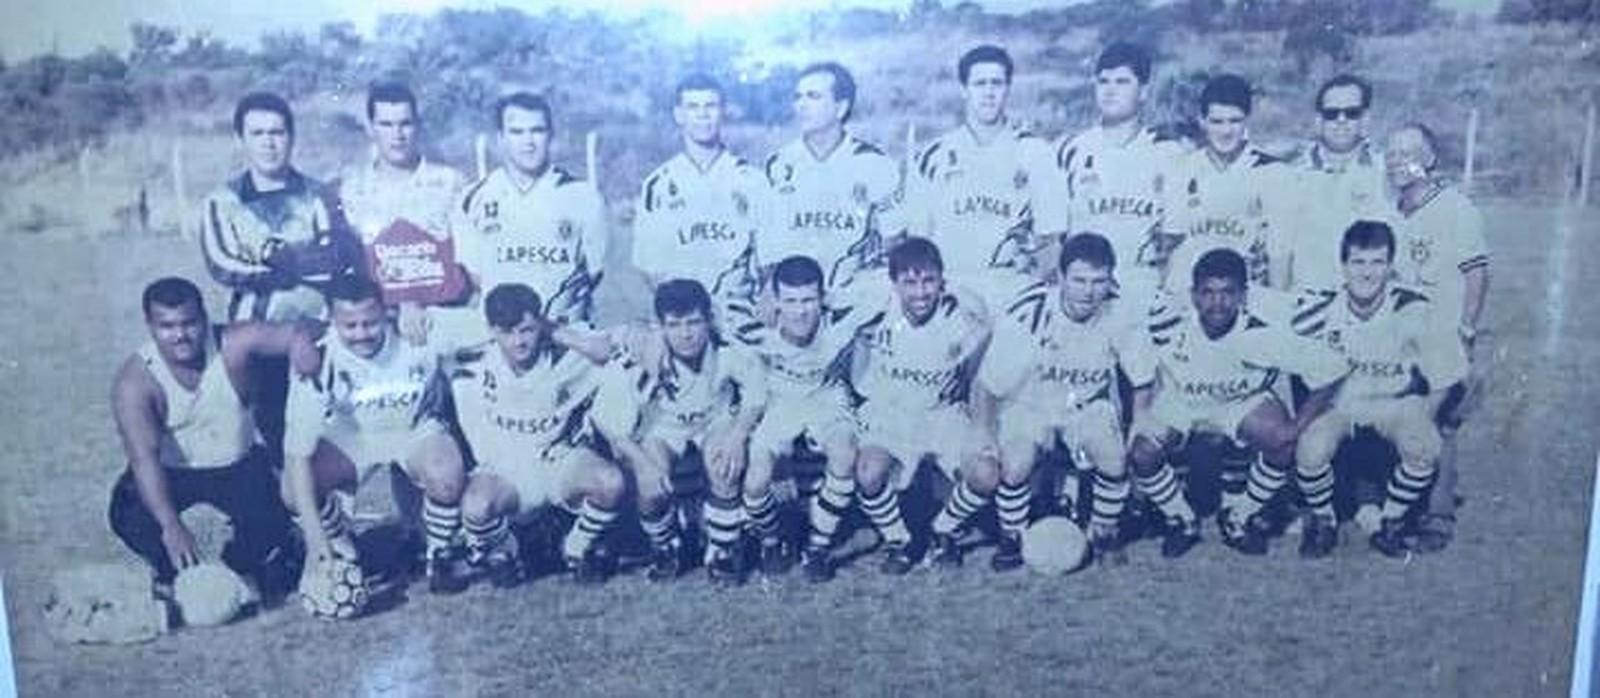 Corinthians da Cabeçuda em 1995 (Foto: Eduardo Ventura/Arquivo Pessoal)